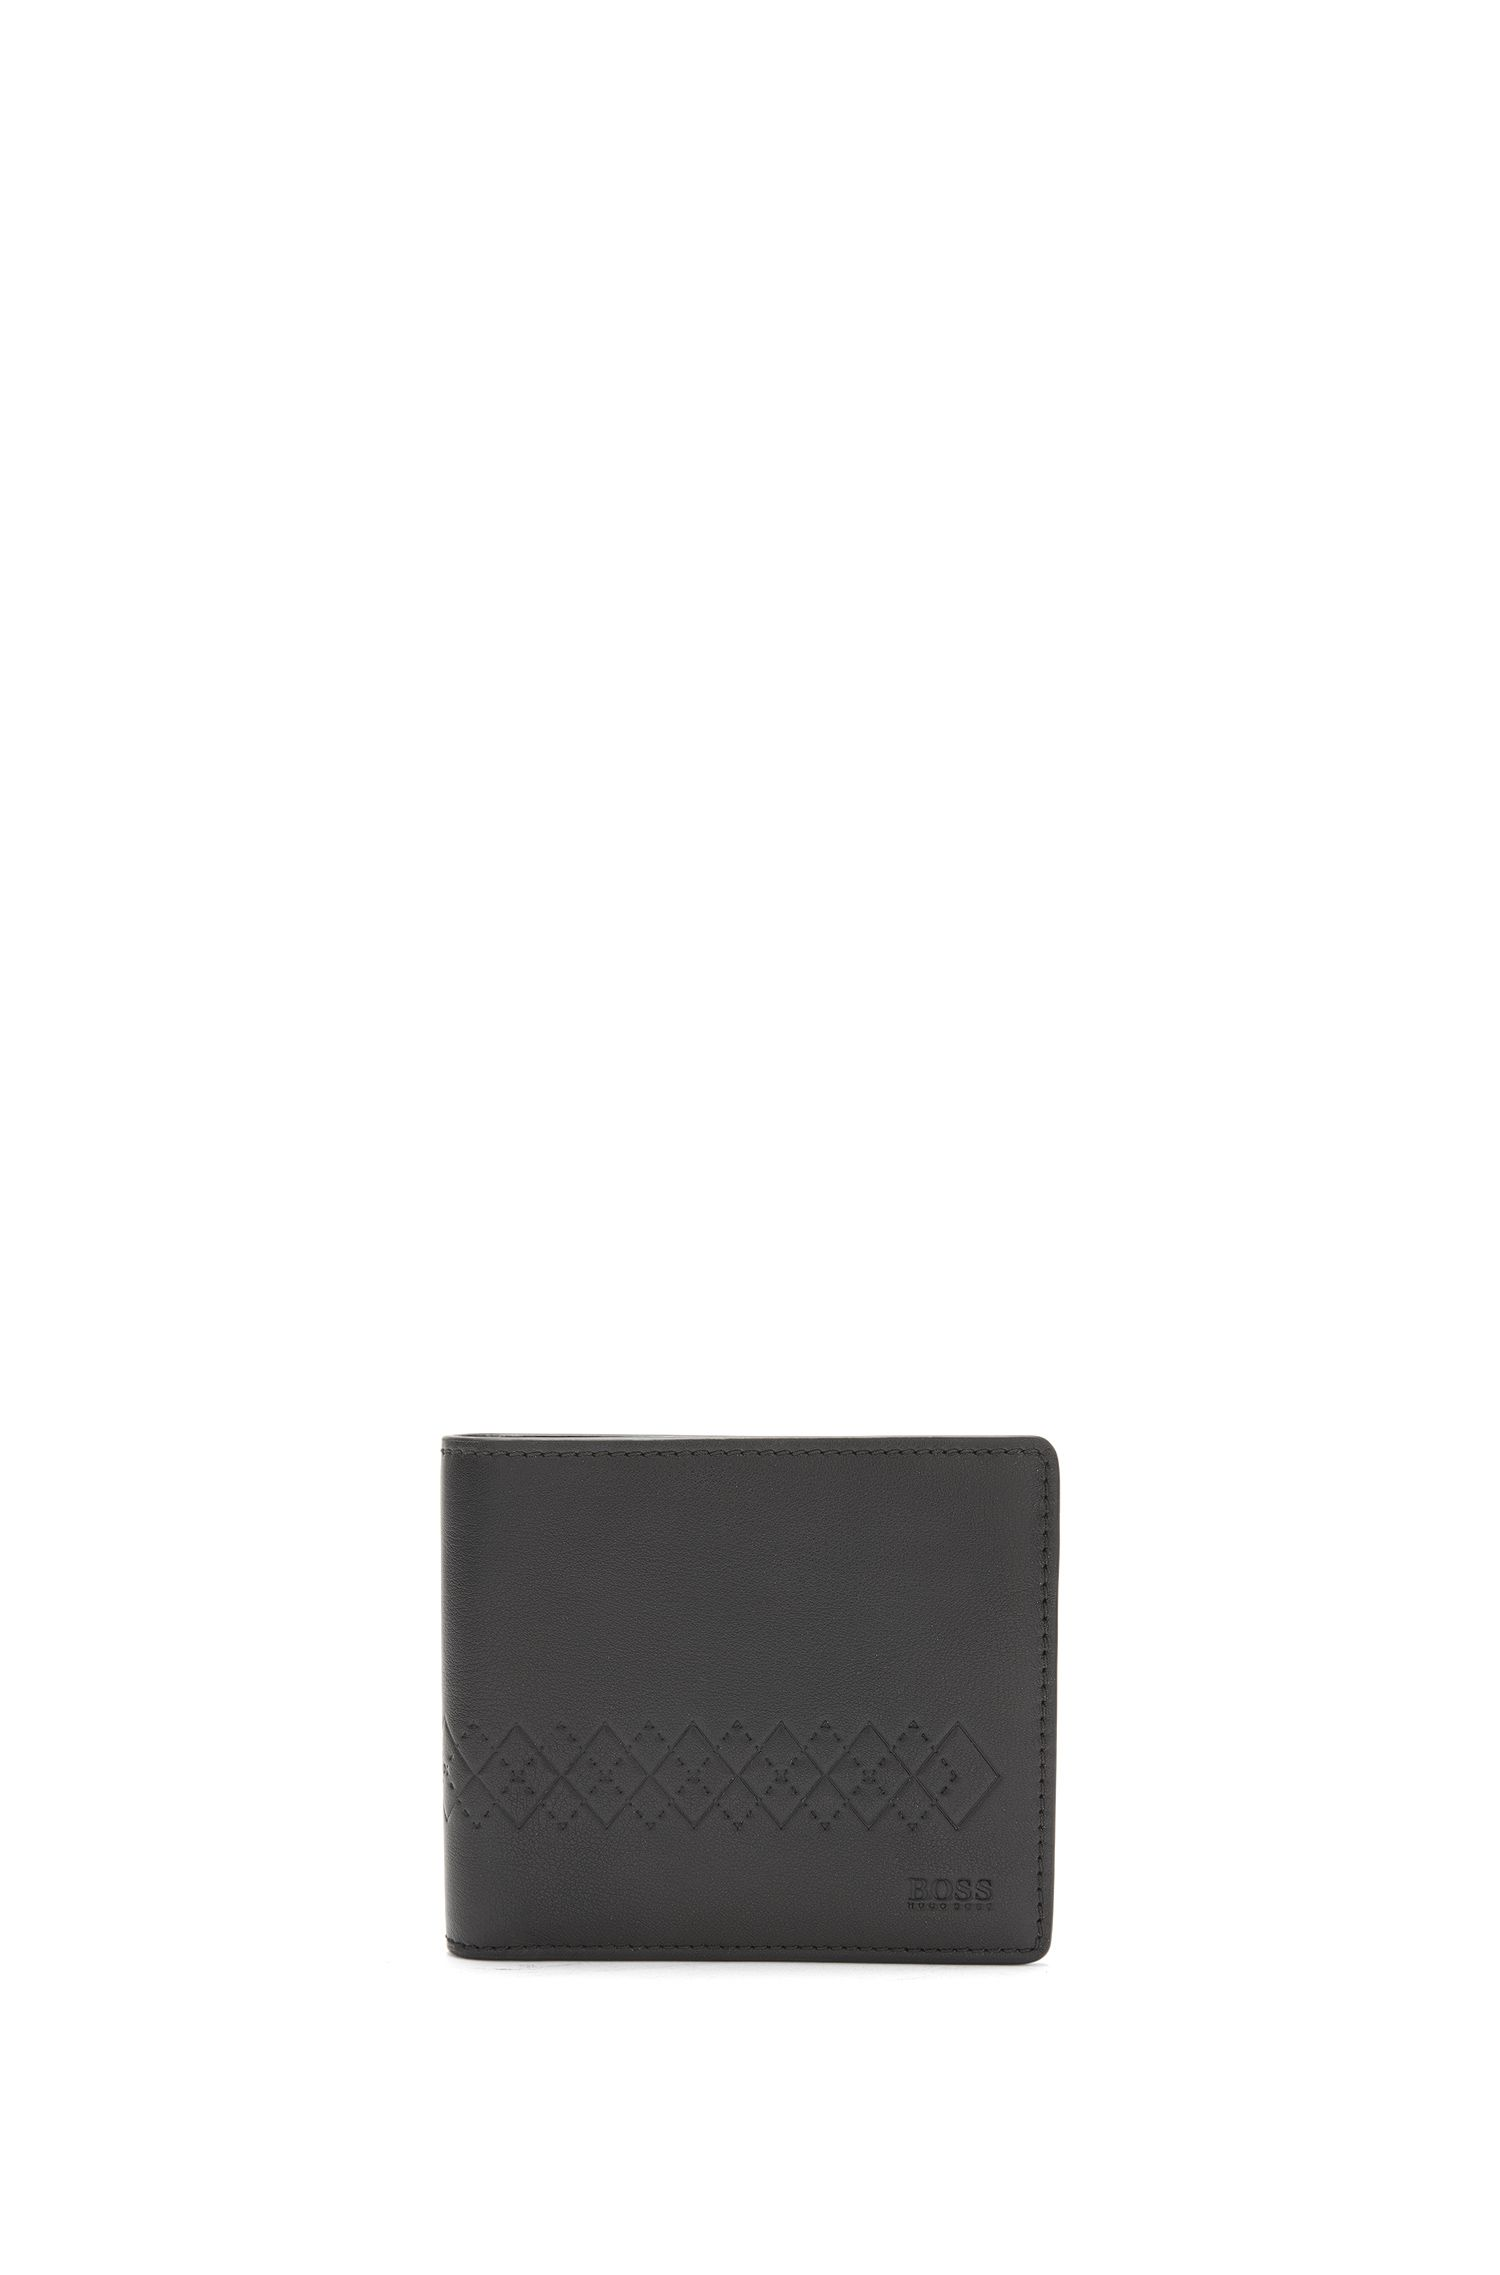 Geschenk-Set mit kleiner Geldbörse und Schlüsseletui aus Leder mit Prägung